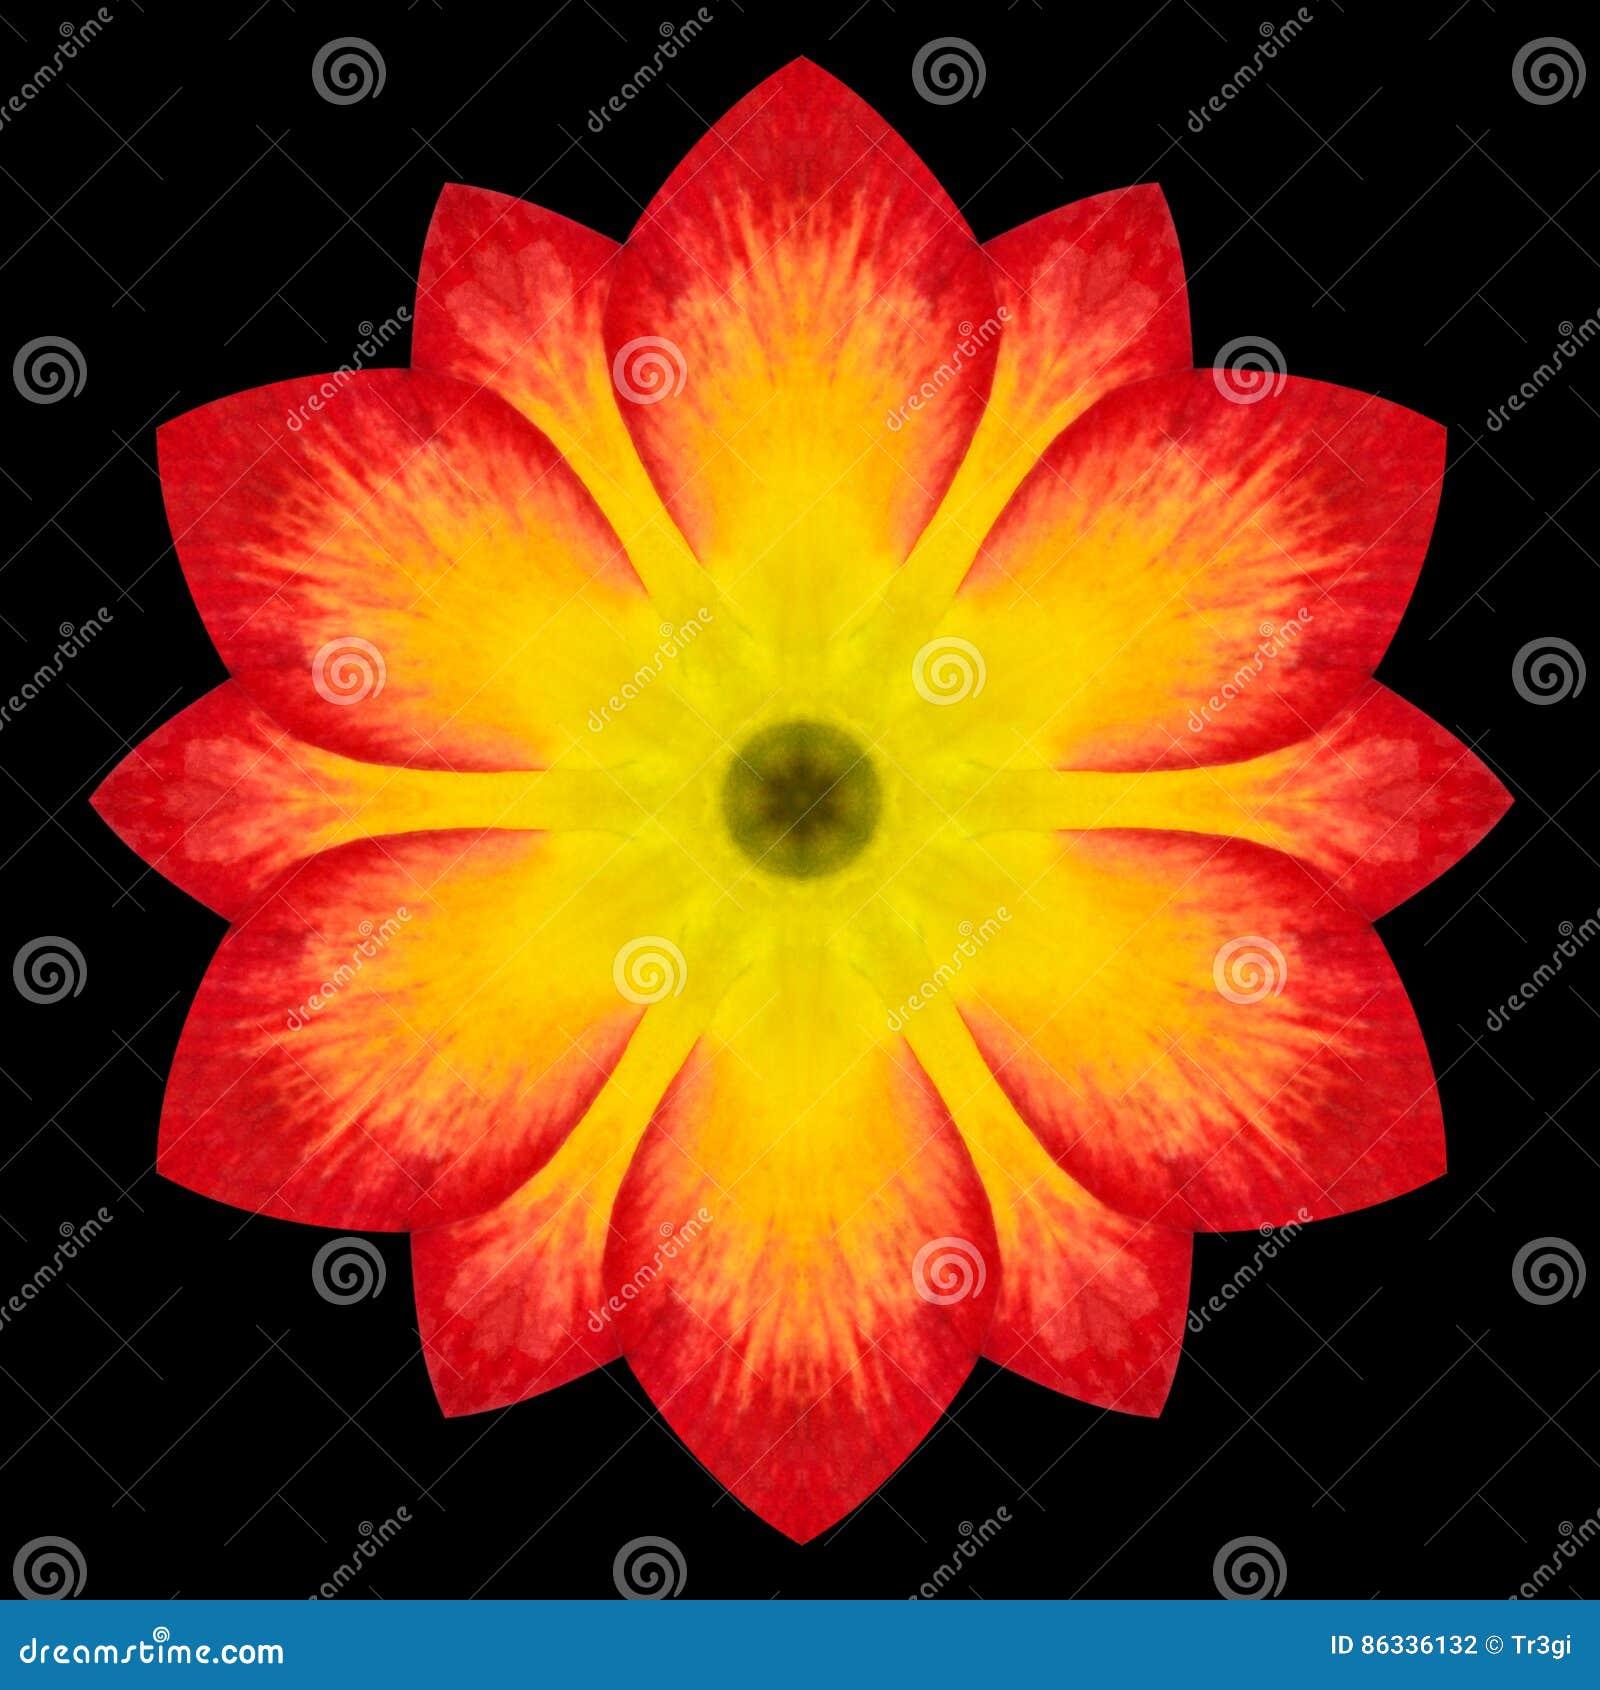 Rote Blume Mandala Kaleidoscope Isolated auf Schwarzem